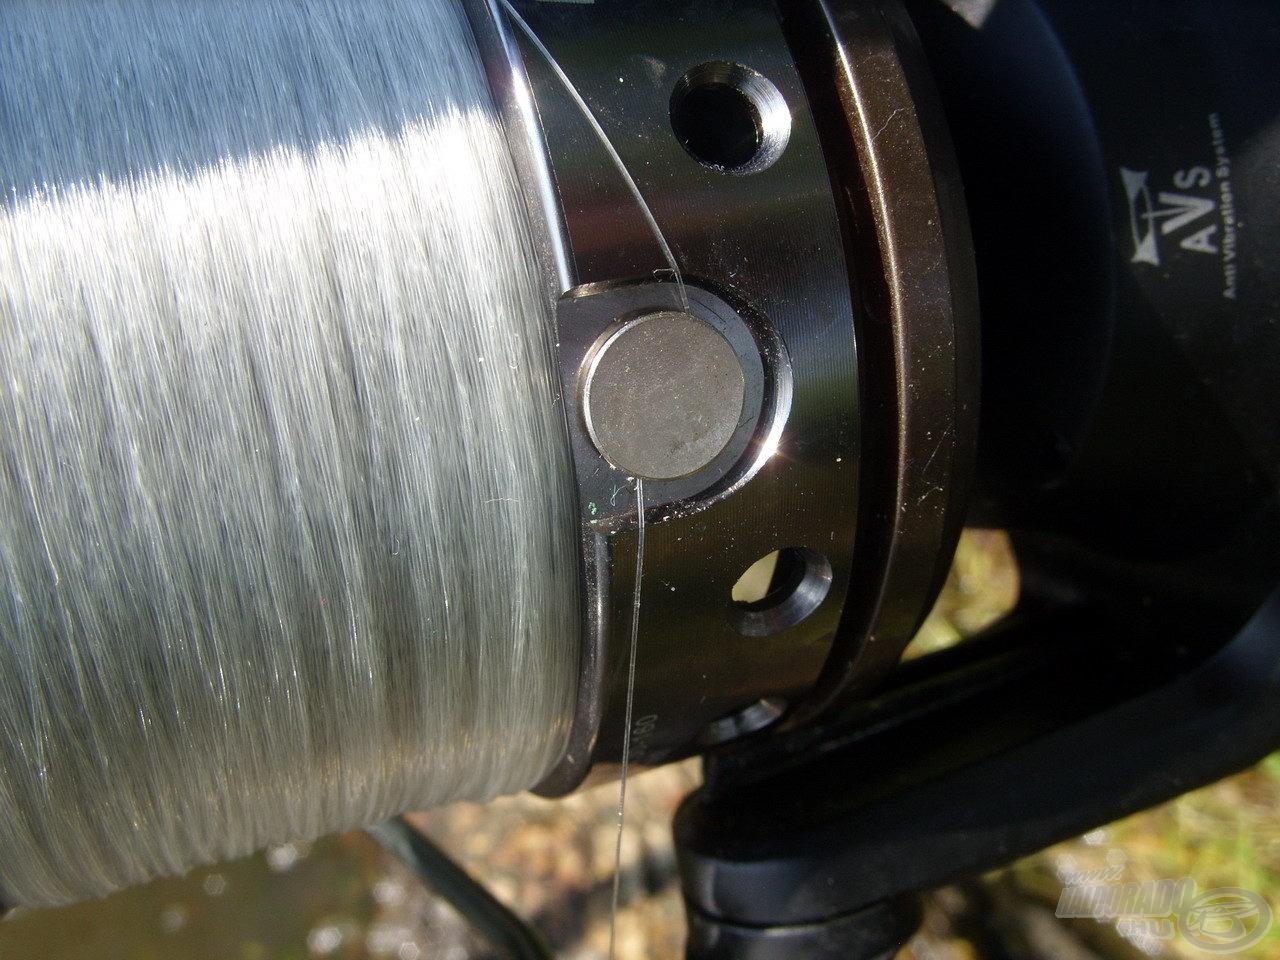 … akárcsak a minőségi, lekerekített fém zsinórklipsznek, ami biztosan nem sérti meg a kiakasztott vékony monofil zsinórok felületét sem